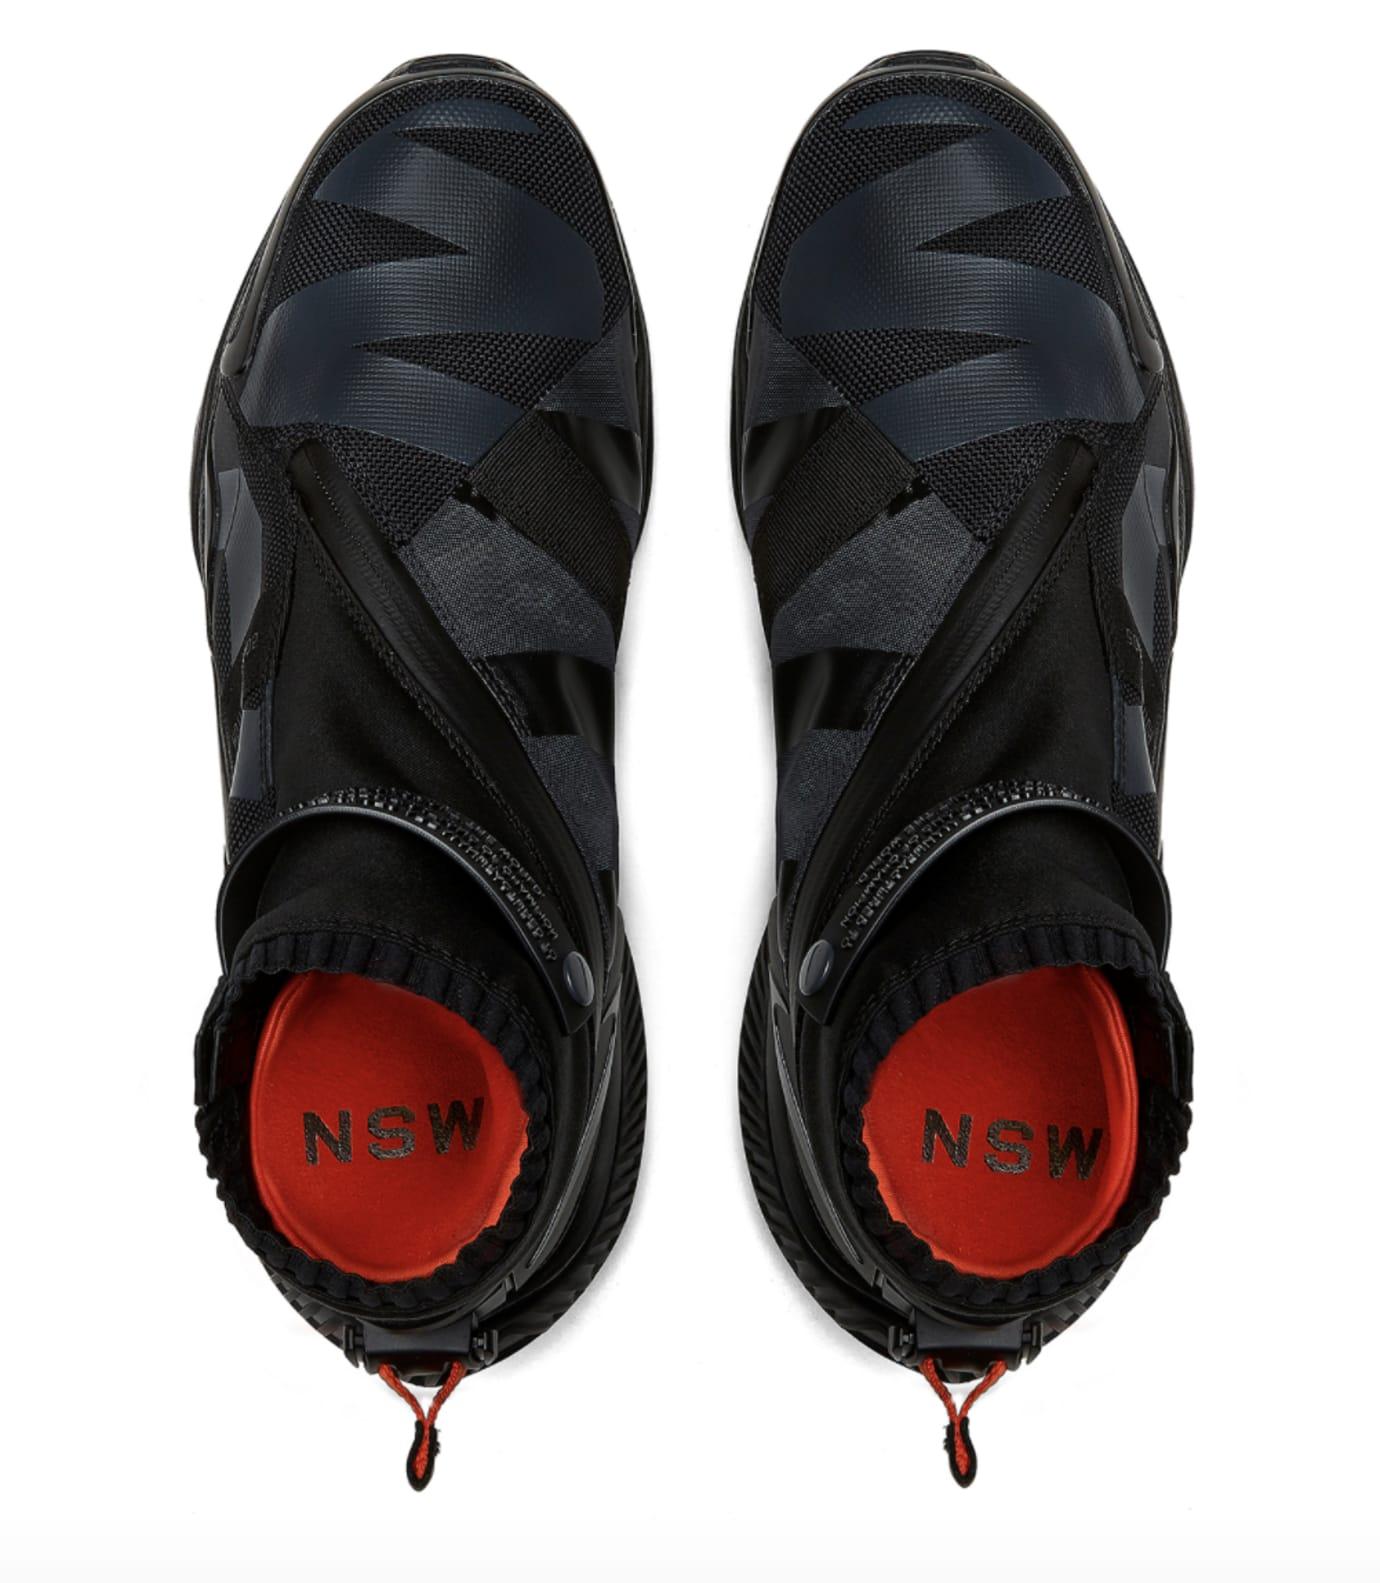 NikeLab Gyakusou Gaiter Boot 'Black' (Top)